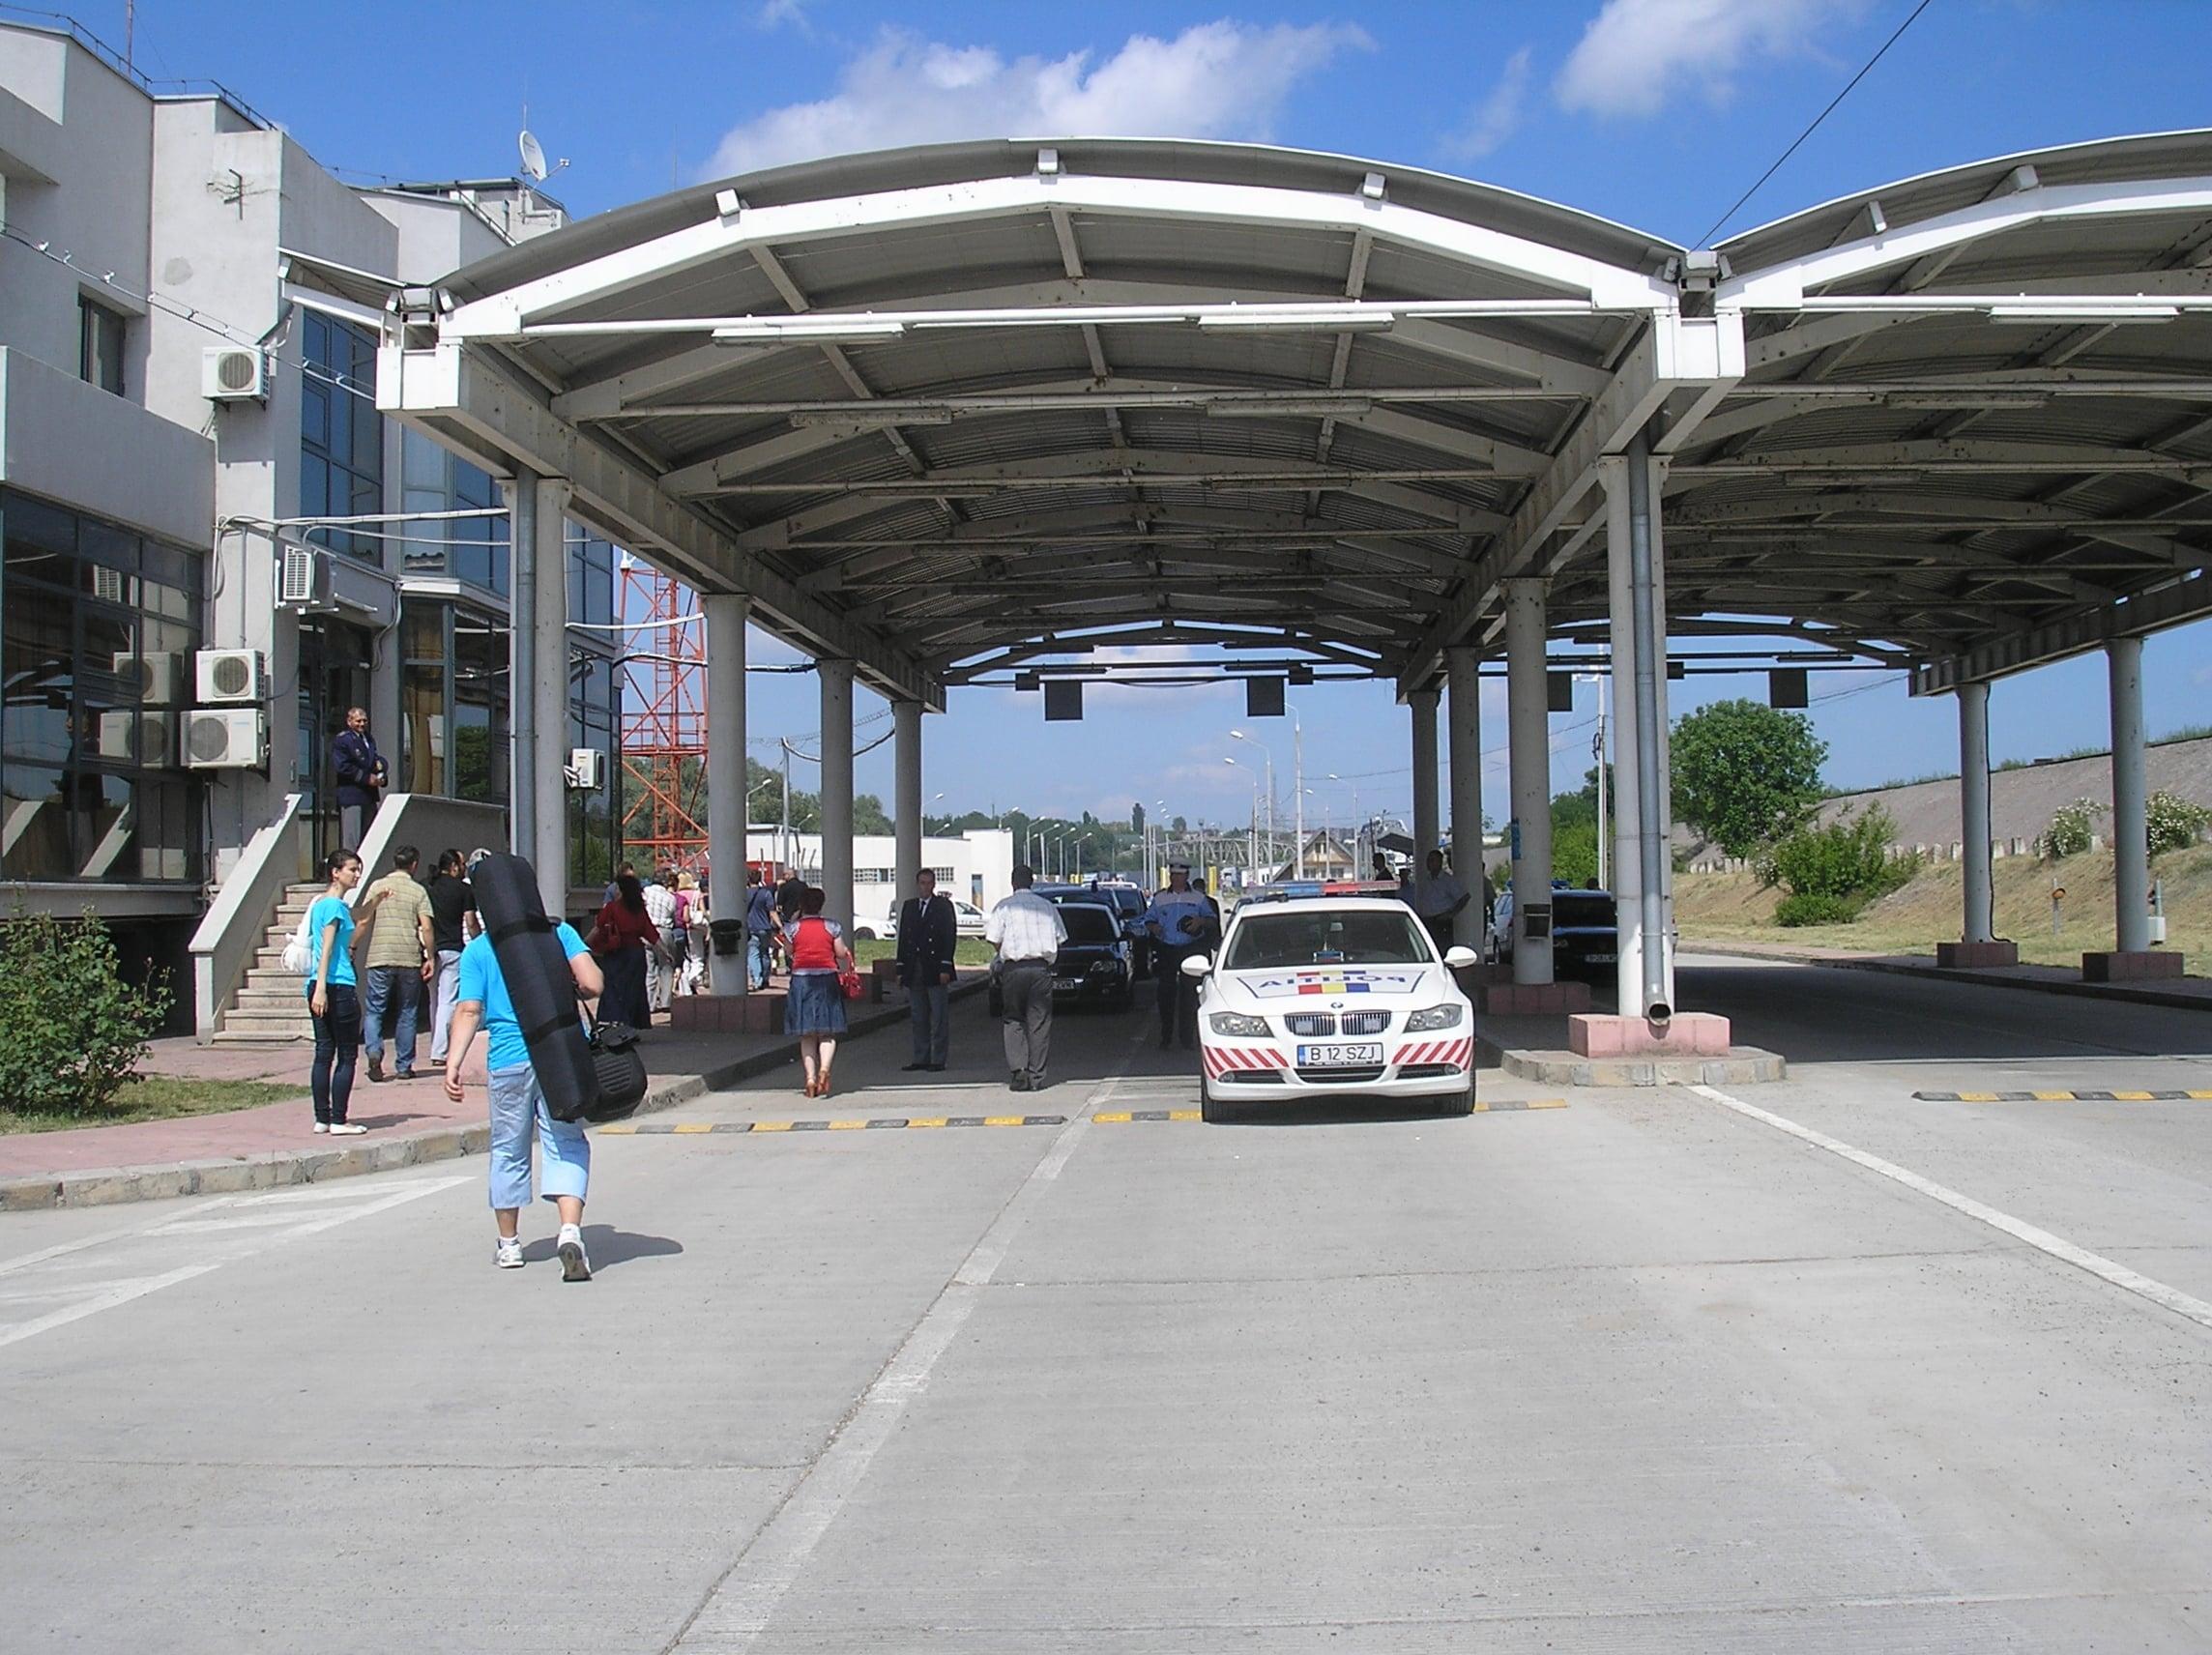 Cetățeni la Punctul de trecere a frontierei Giurgiulești-Galați, în conflict cu legea